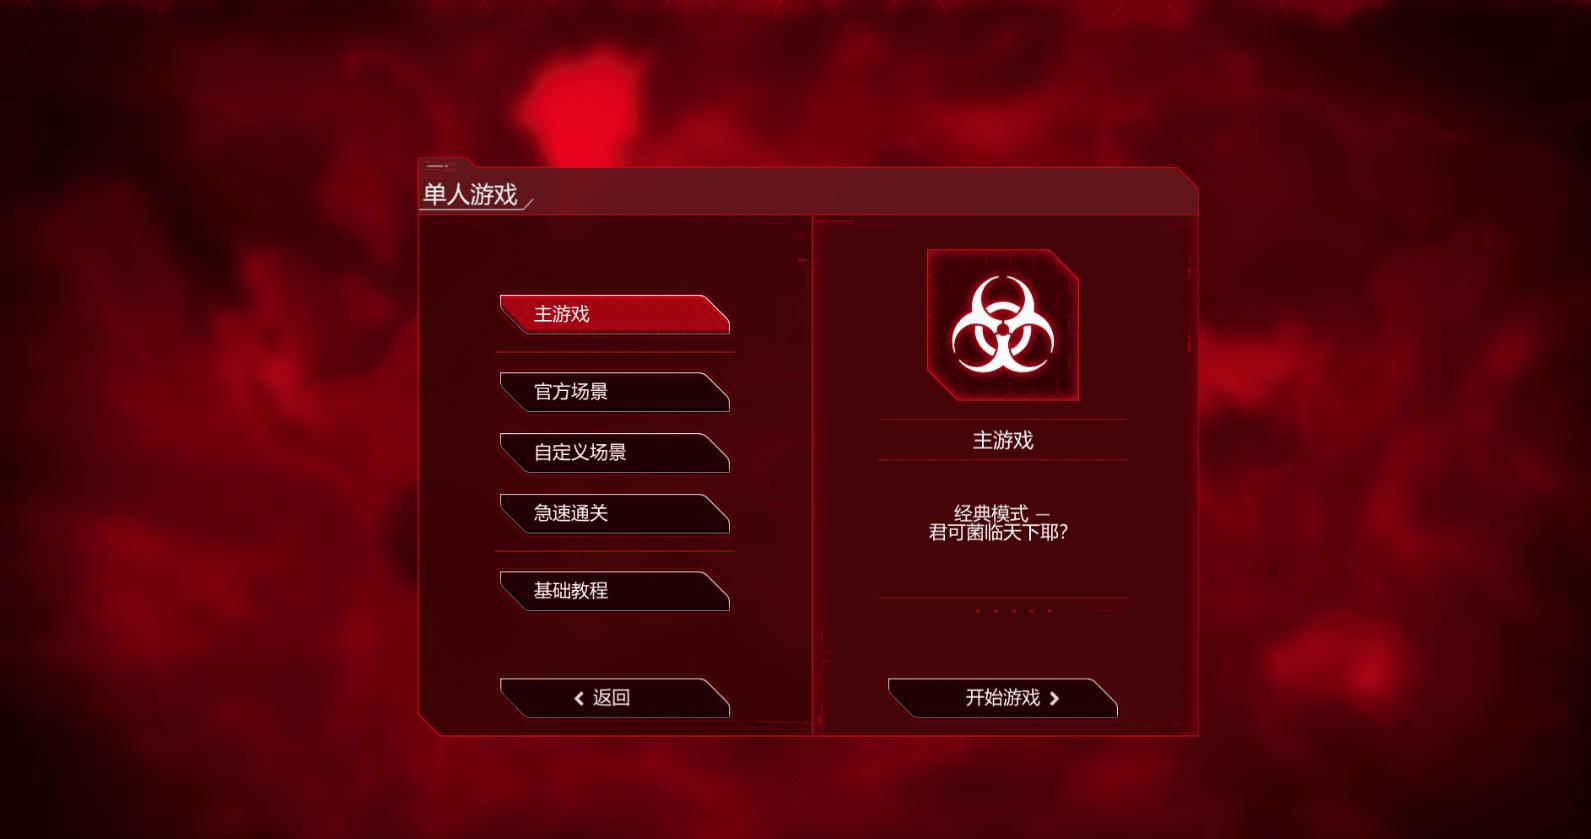 瘟疫公司:物竞天择 1.17.2  中文绿色PC版